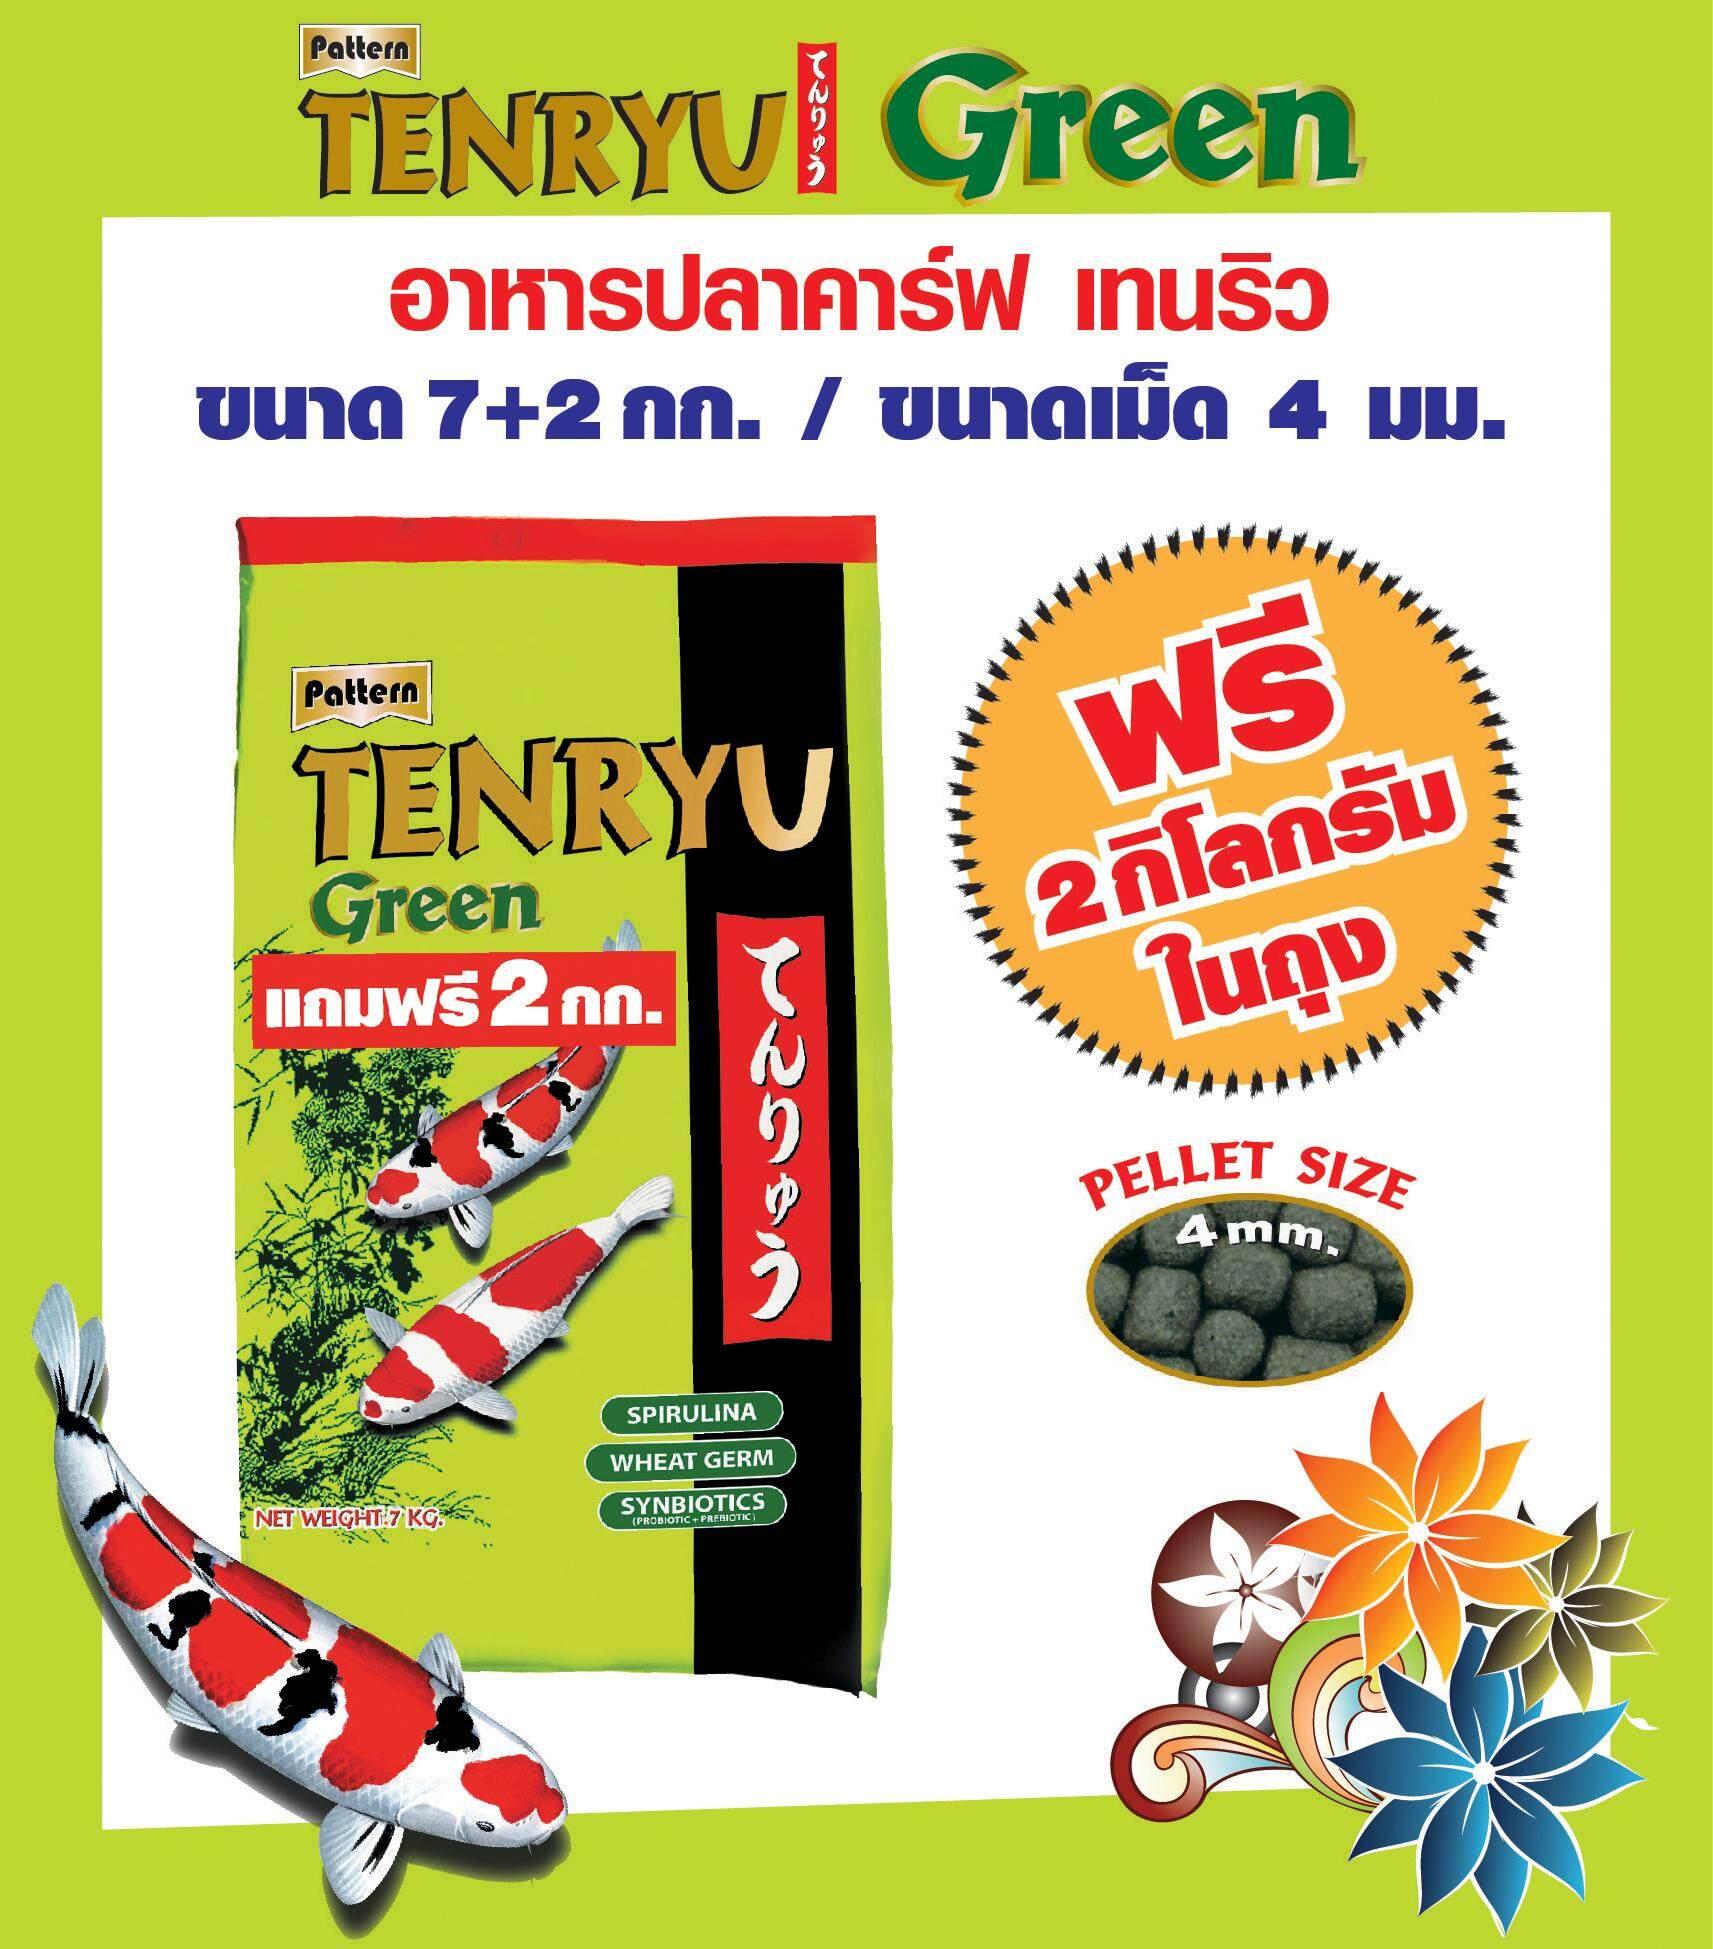 อาหารปลา Tenryu / Green อาหารปลาคาร์ฟสูตรซินไบโอติก เม็ด 4 มม. ขนาด 7 กก. เพิ่มปริมาณ 2 กก ในถุง.